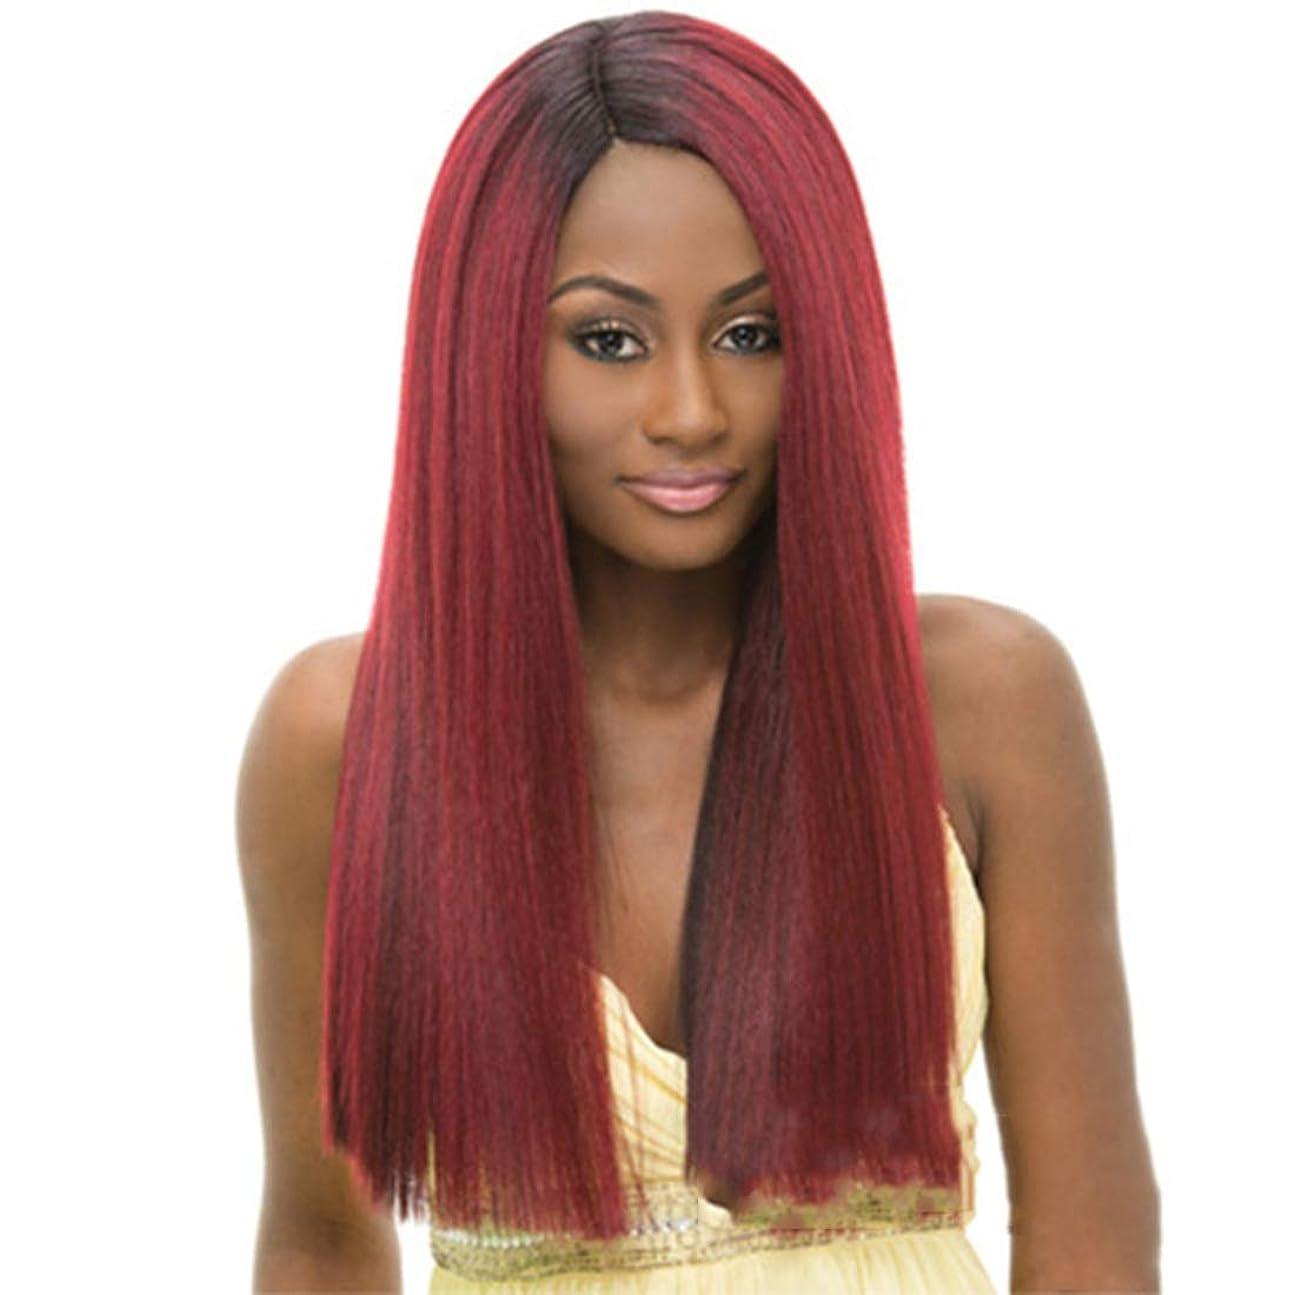 息苦しい最も遠いシェードBOBIDYEE 女性のためのロングヘアウィッグパーティードレスアップウェディング仮装ナイトクラブの小道具コンポジットヘアレースウィッグロールプレイングかつら (色 : Straight hair oblique bangs)